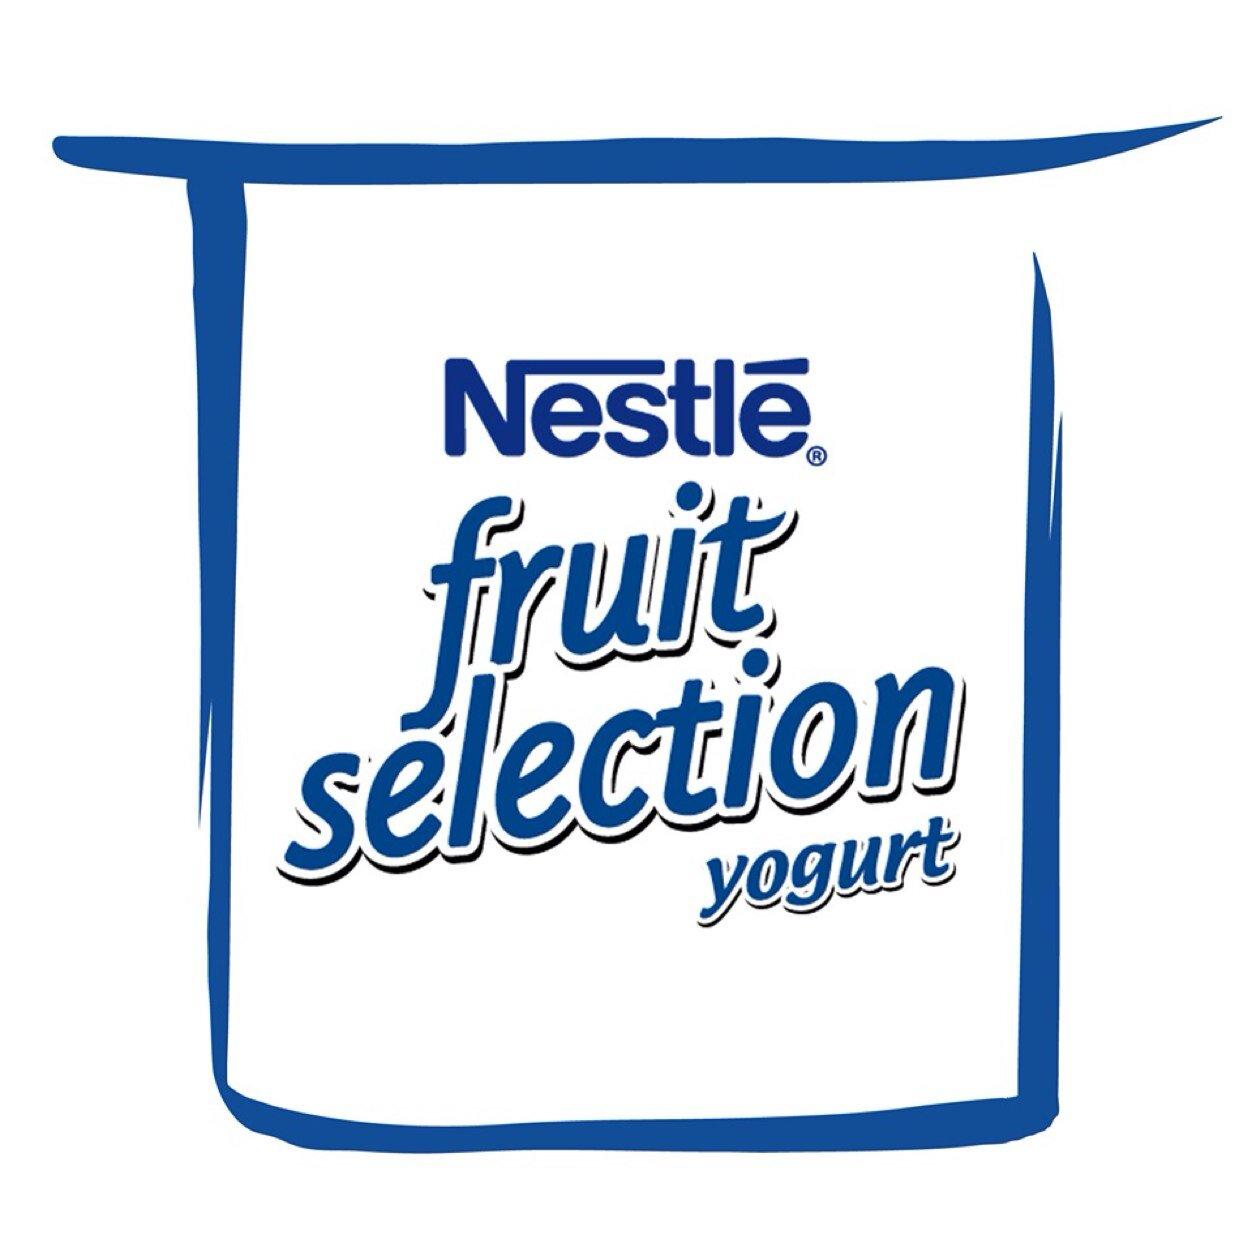 nestle profile Sehen sie sich die profile von fach- und führungskräften namens nestle auf linkedin an es gibt 1199 fach- und führungskräfte namens nestle, die linkedin zum.